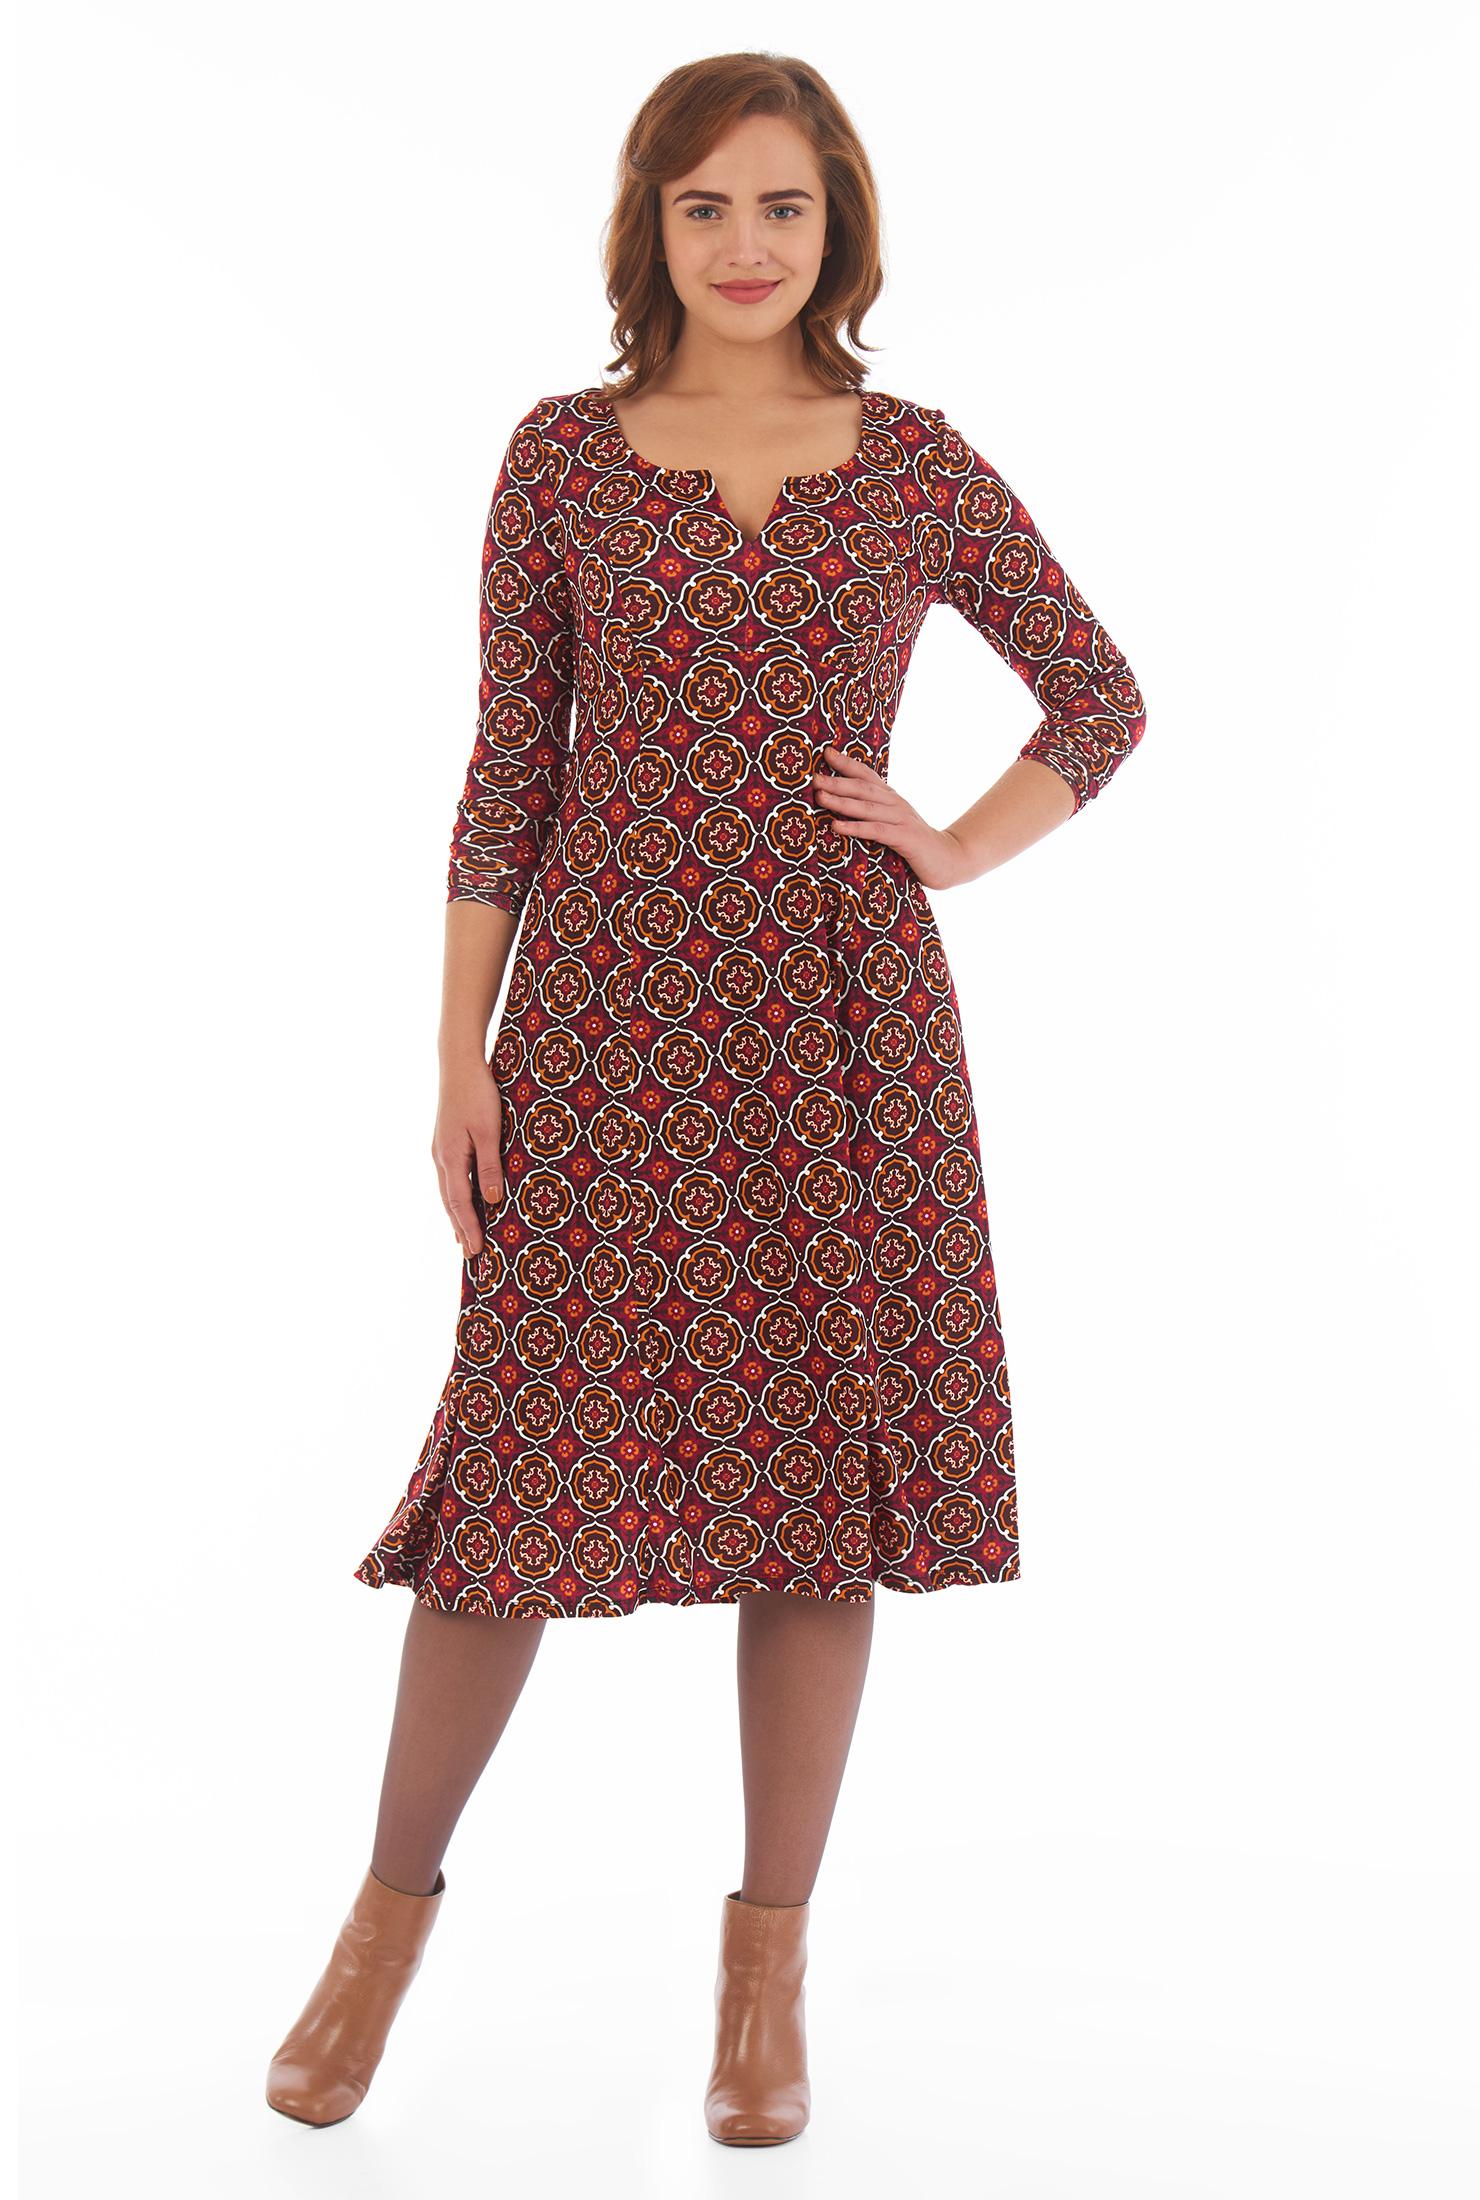 eShakti Women's Tile print jersey knit empire dress CL0051932